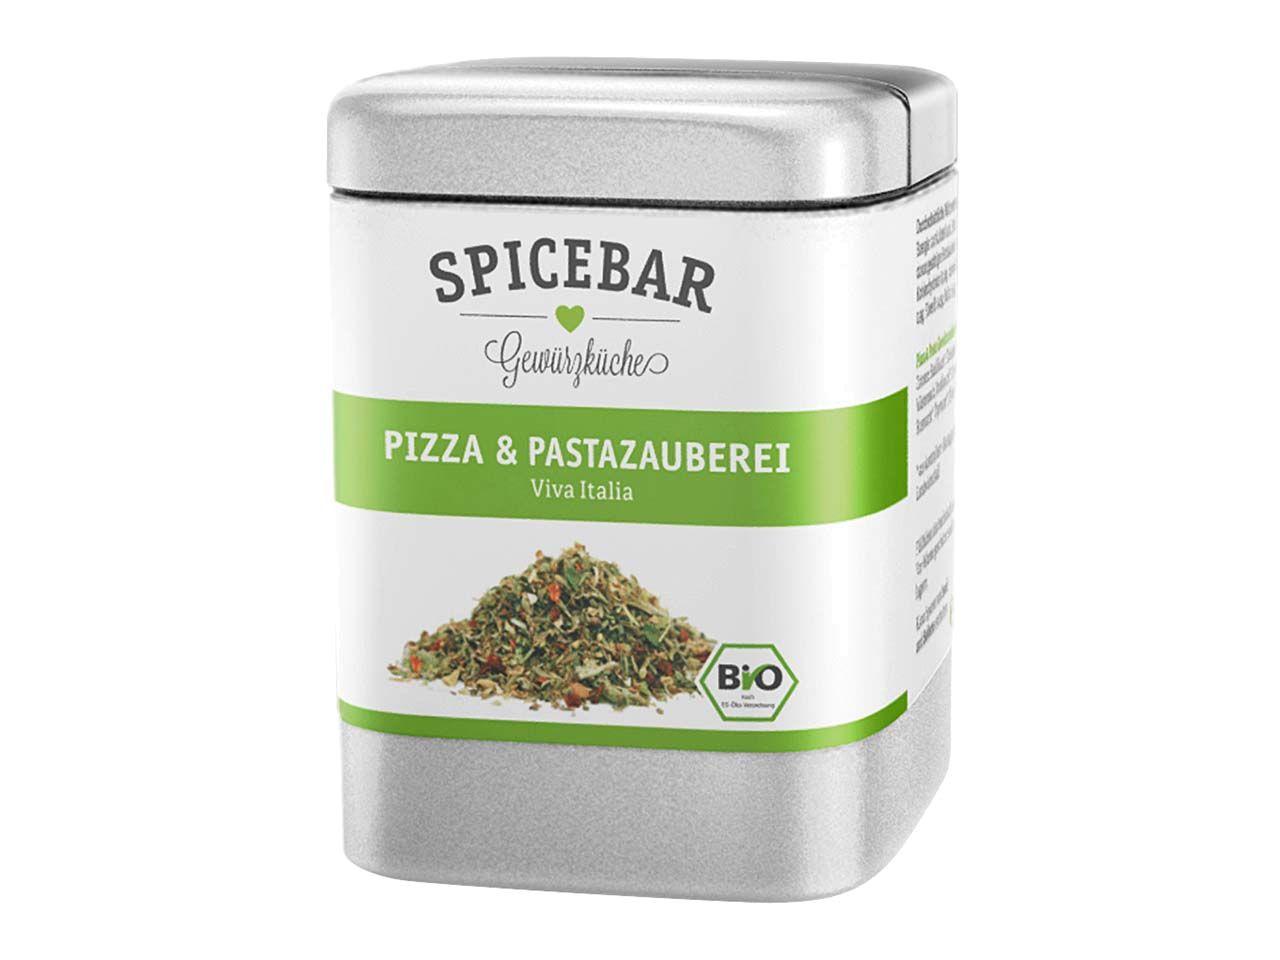 Spicebar Bio-Gewürz